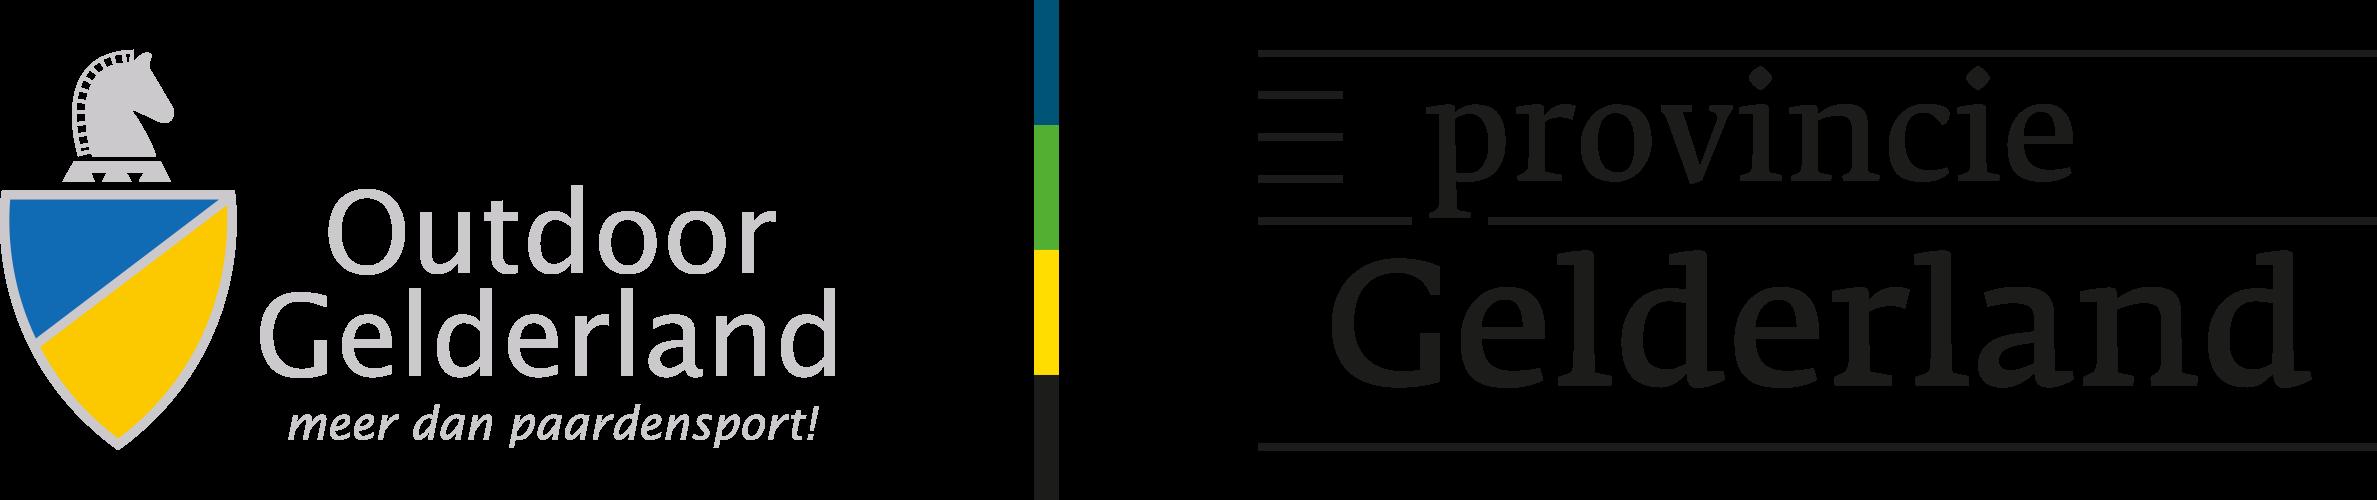 Logo ProvGld_OutdoorGelderland